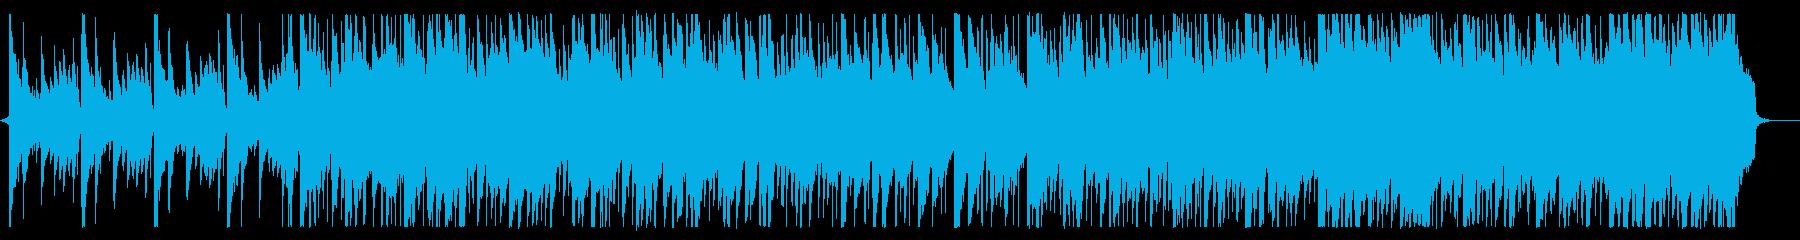 爽やかなピアノ主体のオープニング曲の再生済みの波形